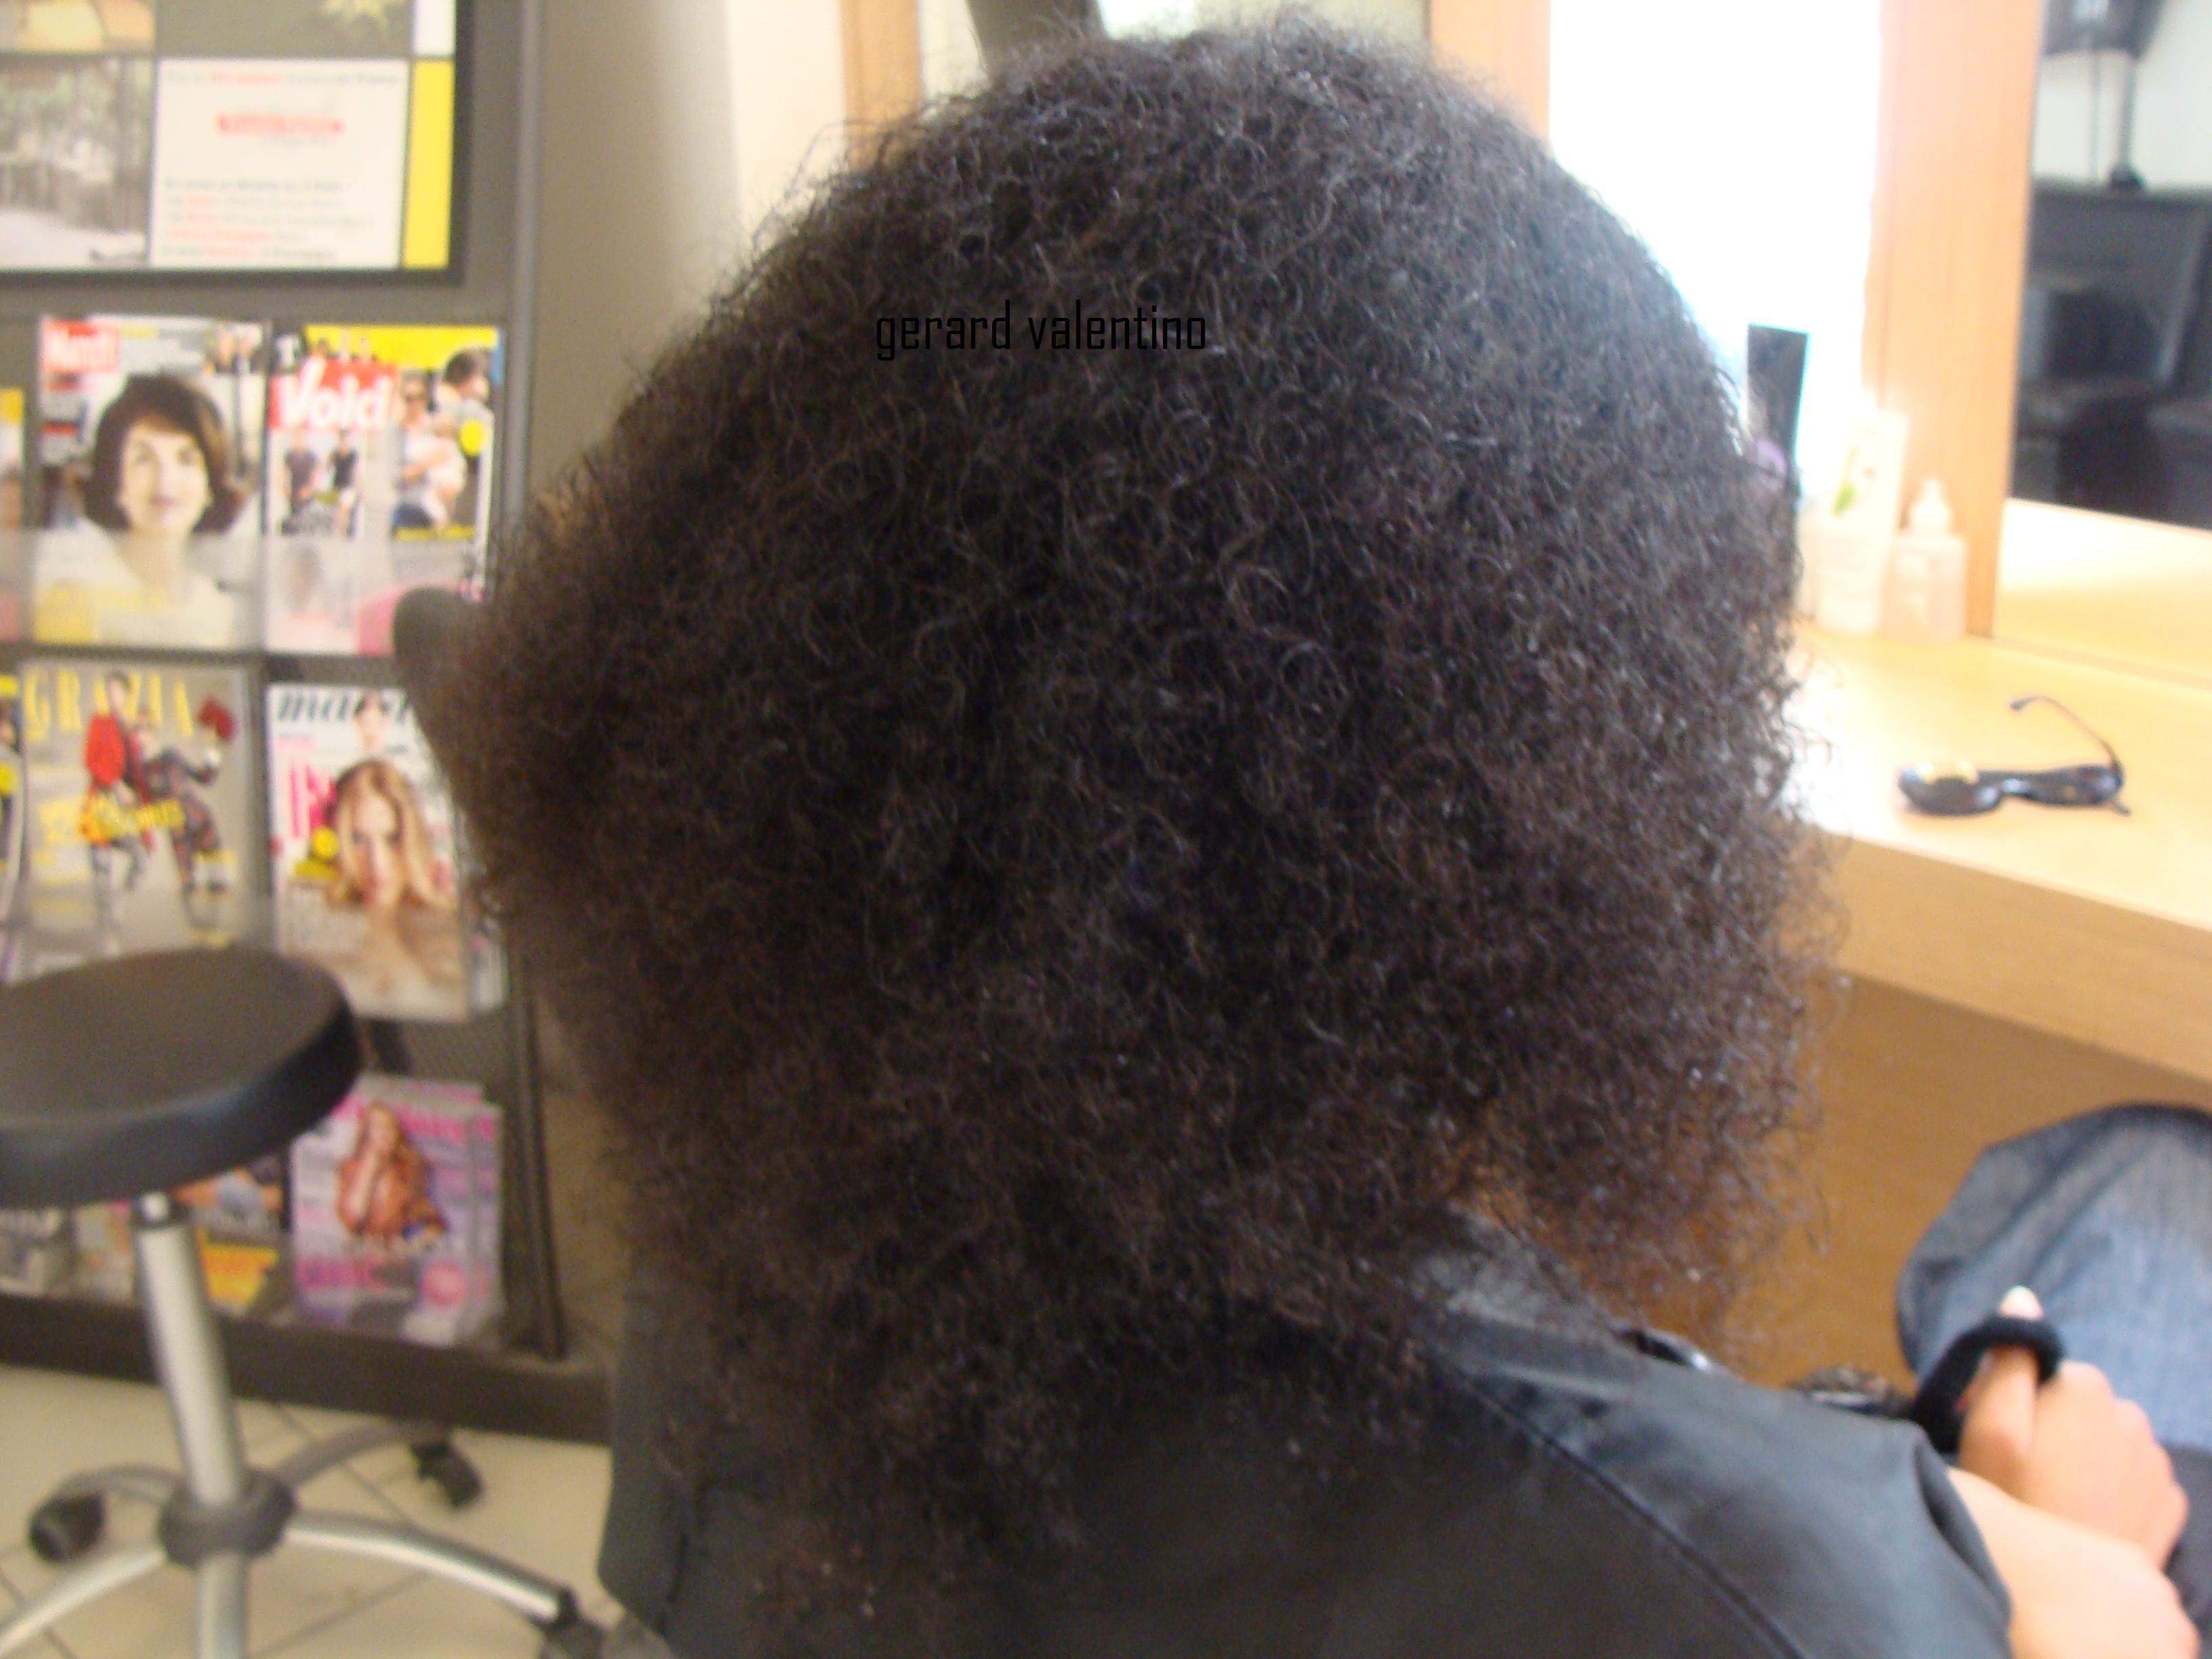 Lissage bresilien keratine paris salon de coiffure gerard valentino - Lissage bresilien apres la douche ...